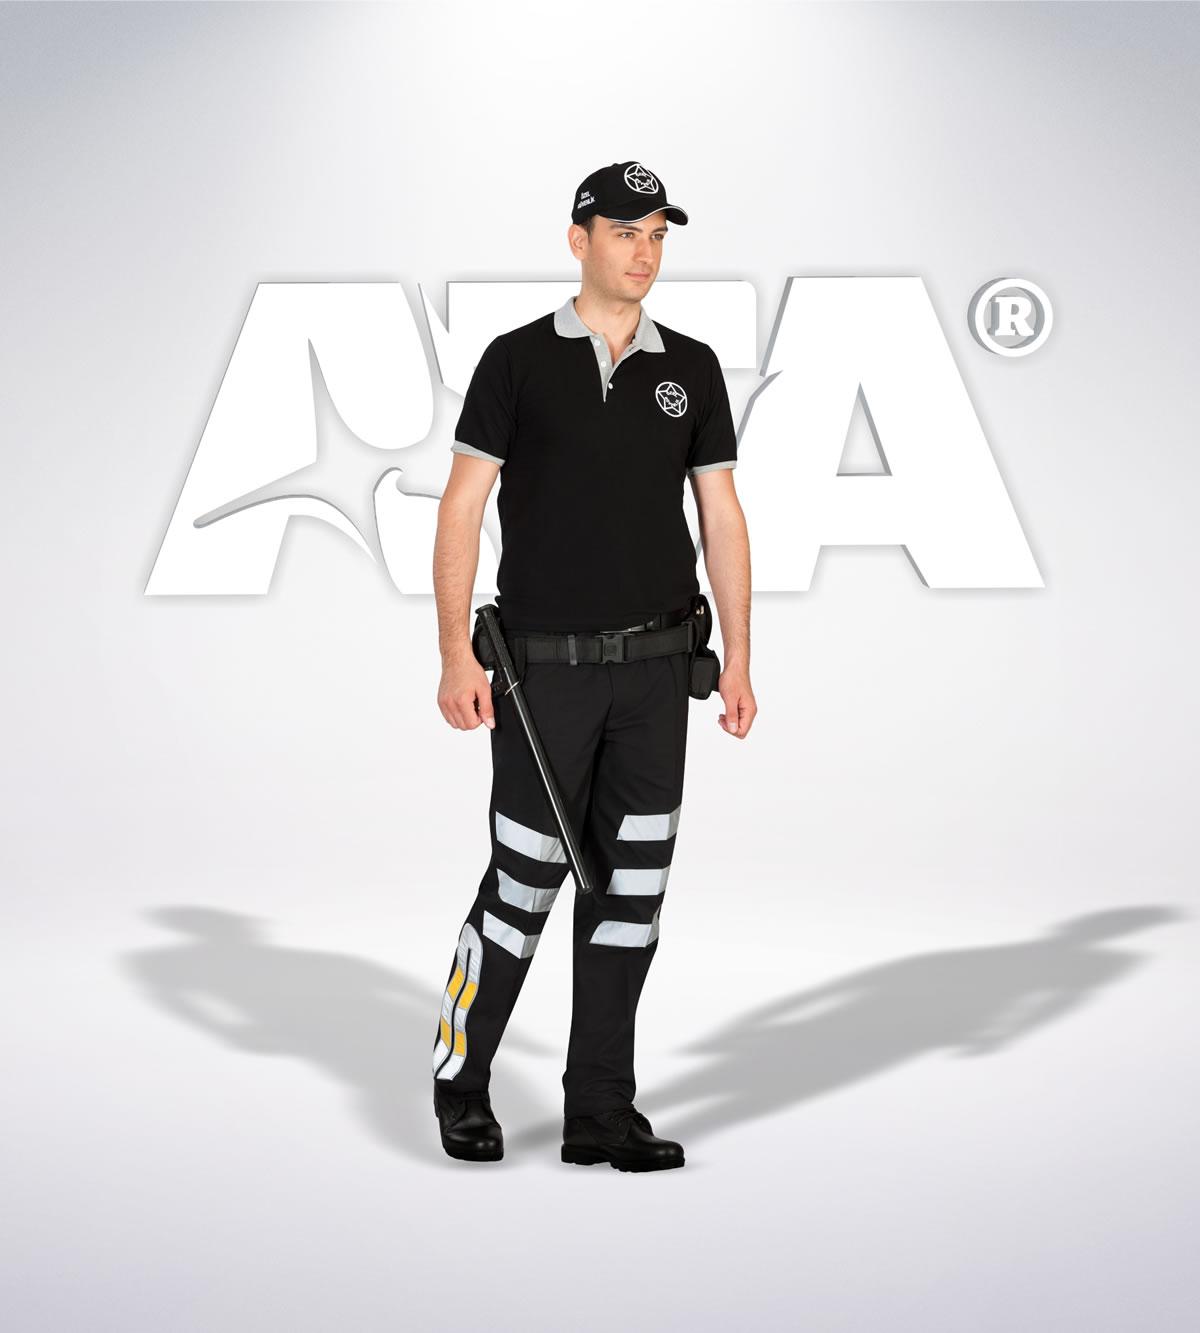 ATA 107 - ribstop kumaş pantolon - t-shirt - aksesuar - reflektör - güvenlik elbiseleri | güvenlik üniformaları | güvenlik kıyafetleri